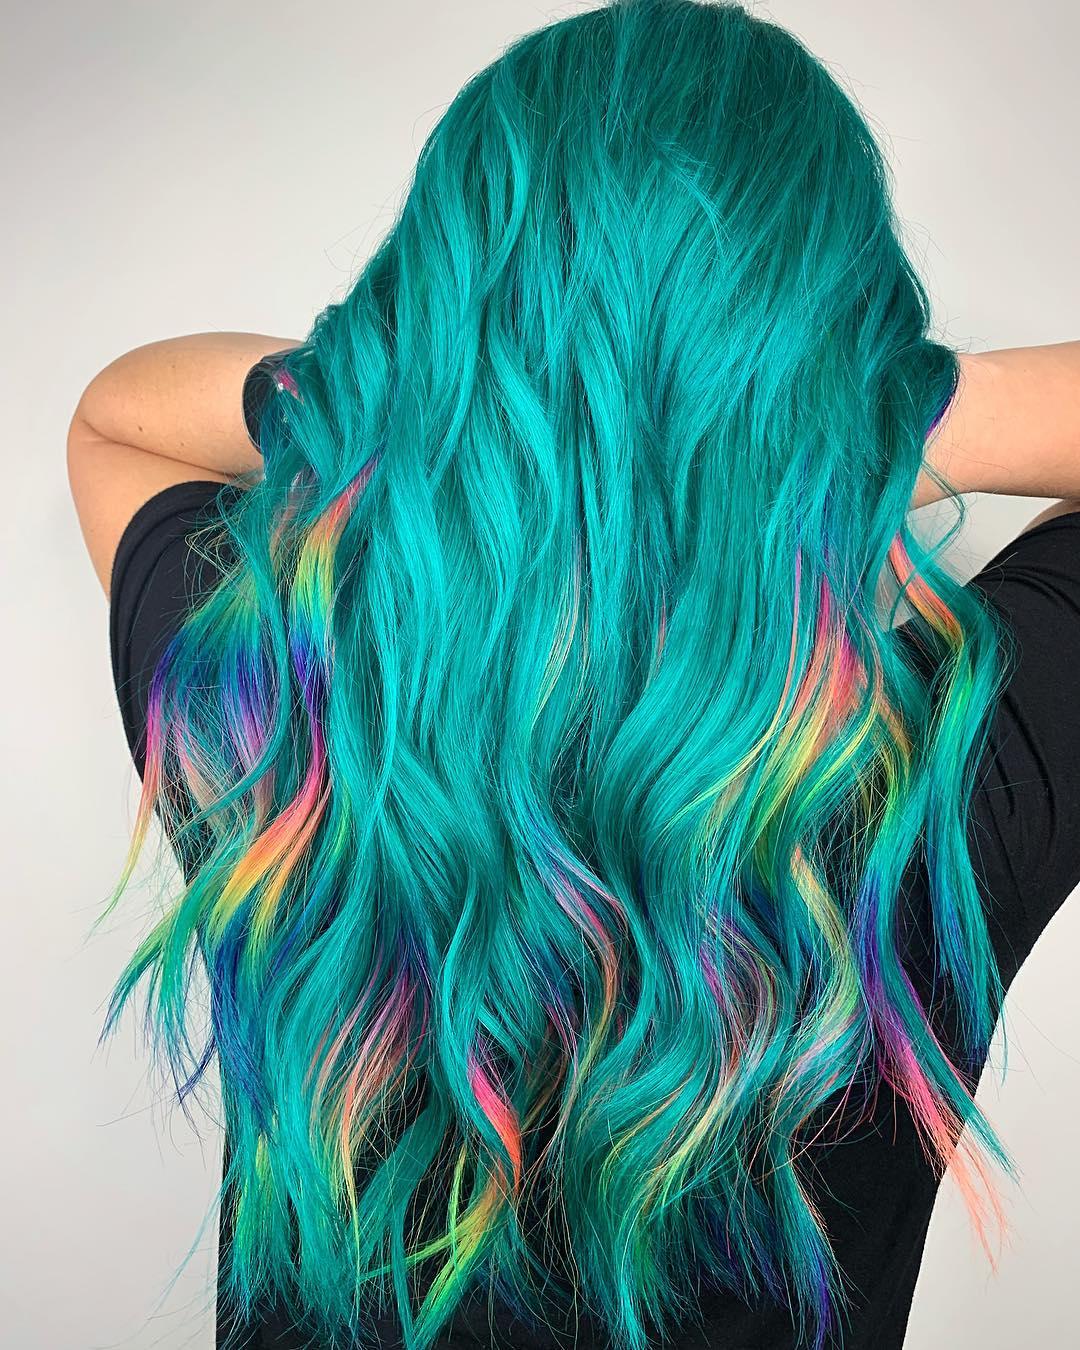 Бирюзовый цвет волос фото 15